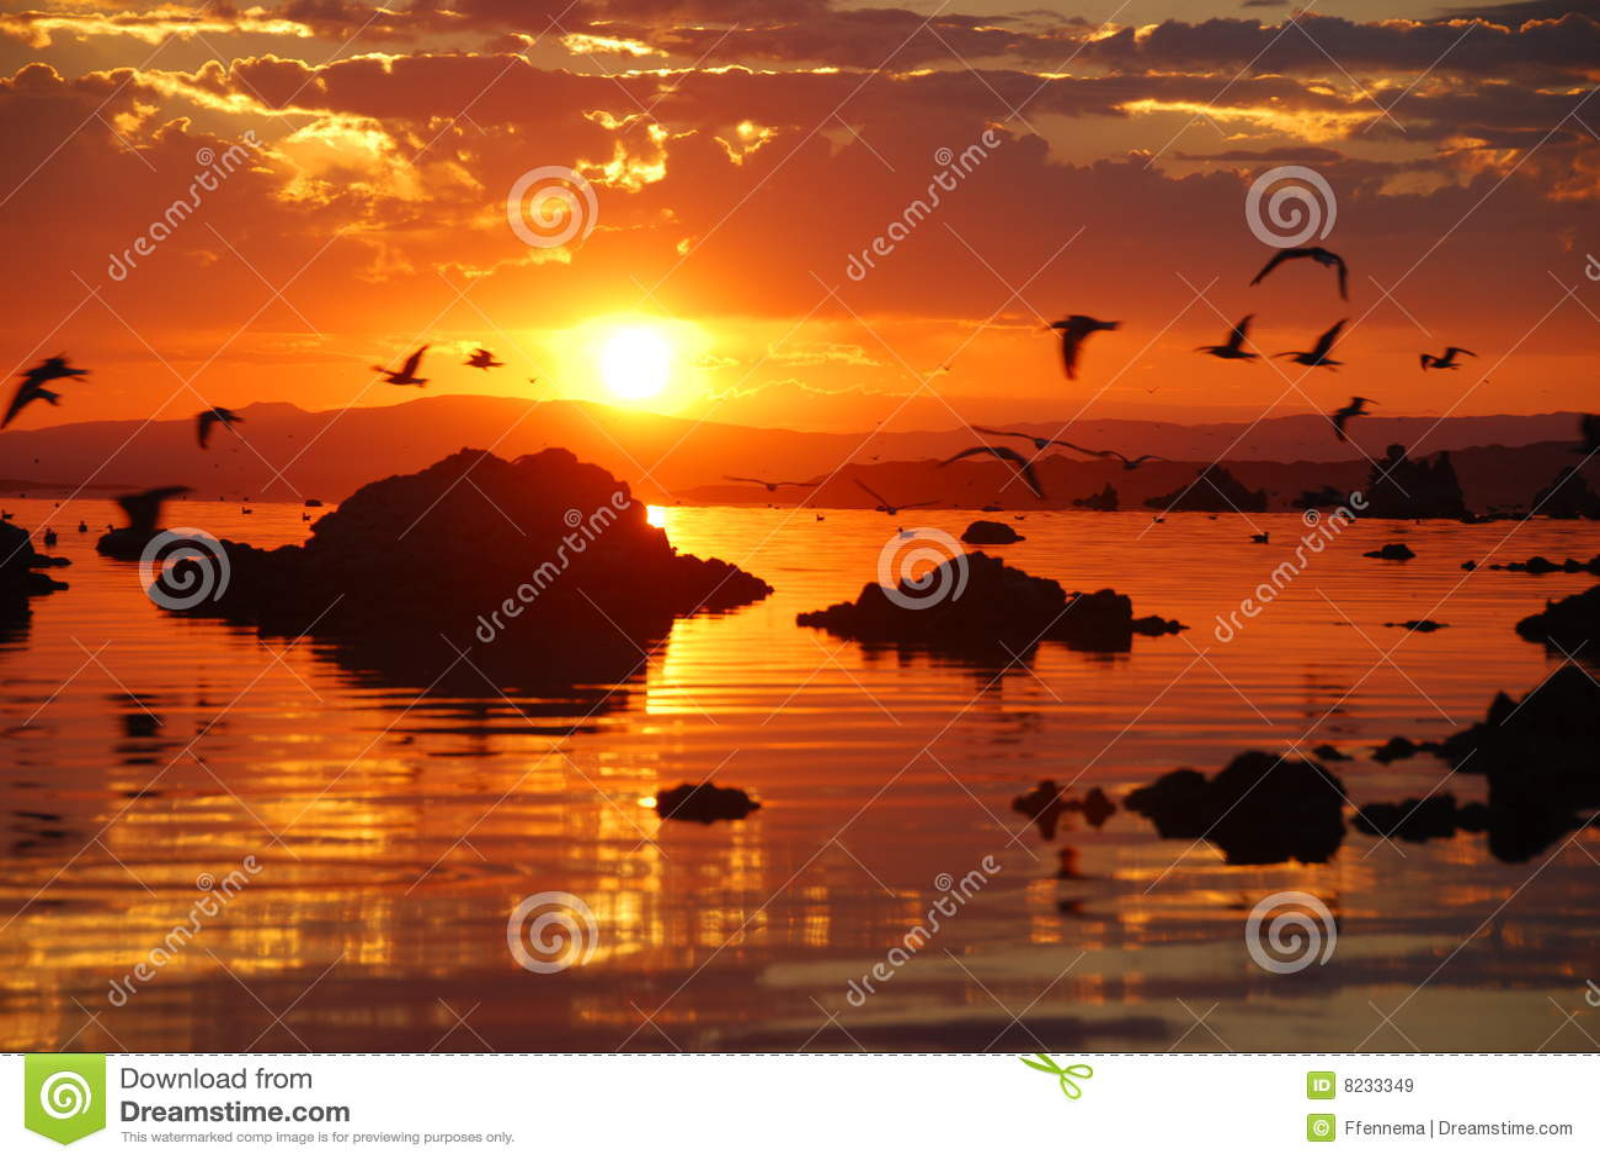 Gaivotas que voam sobre o mono lago durante o nascer do sol